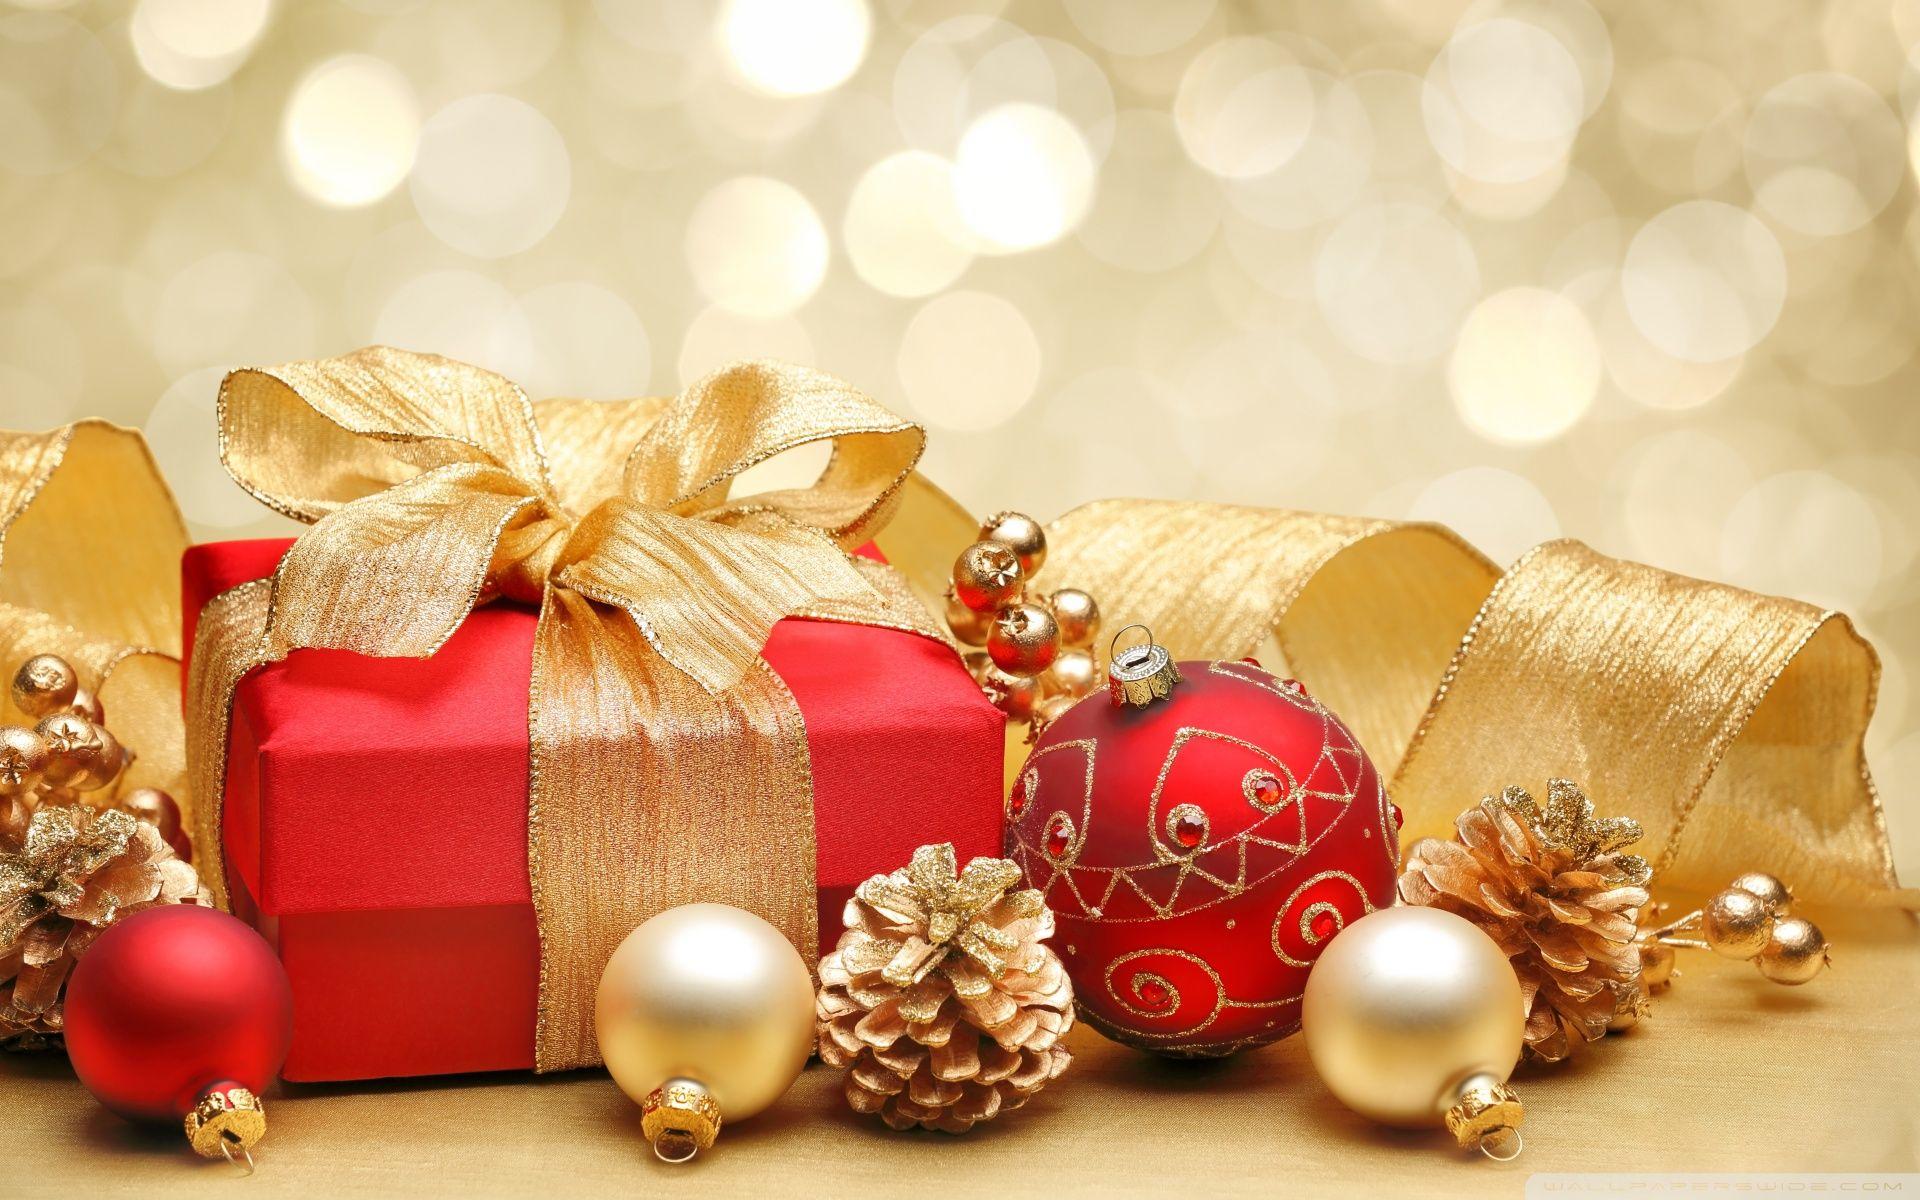 Anteriorsiguiente Fondo Navideño Elegante: Cincuenta Fondos De Pantallas De Navidad Y Año Nuevo Para